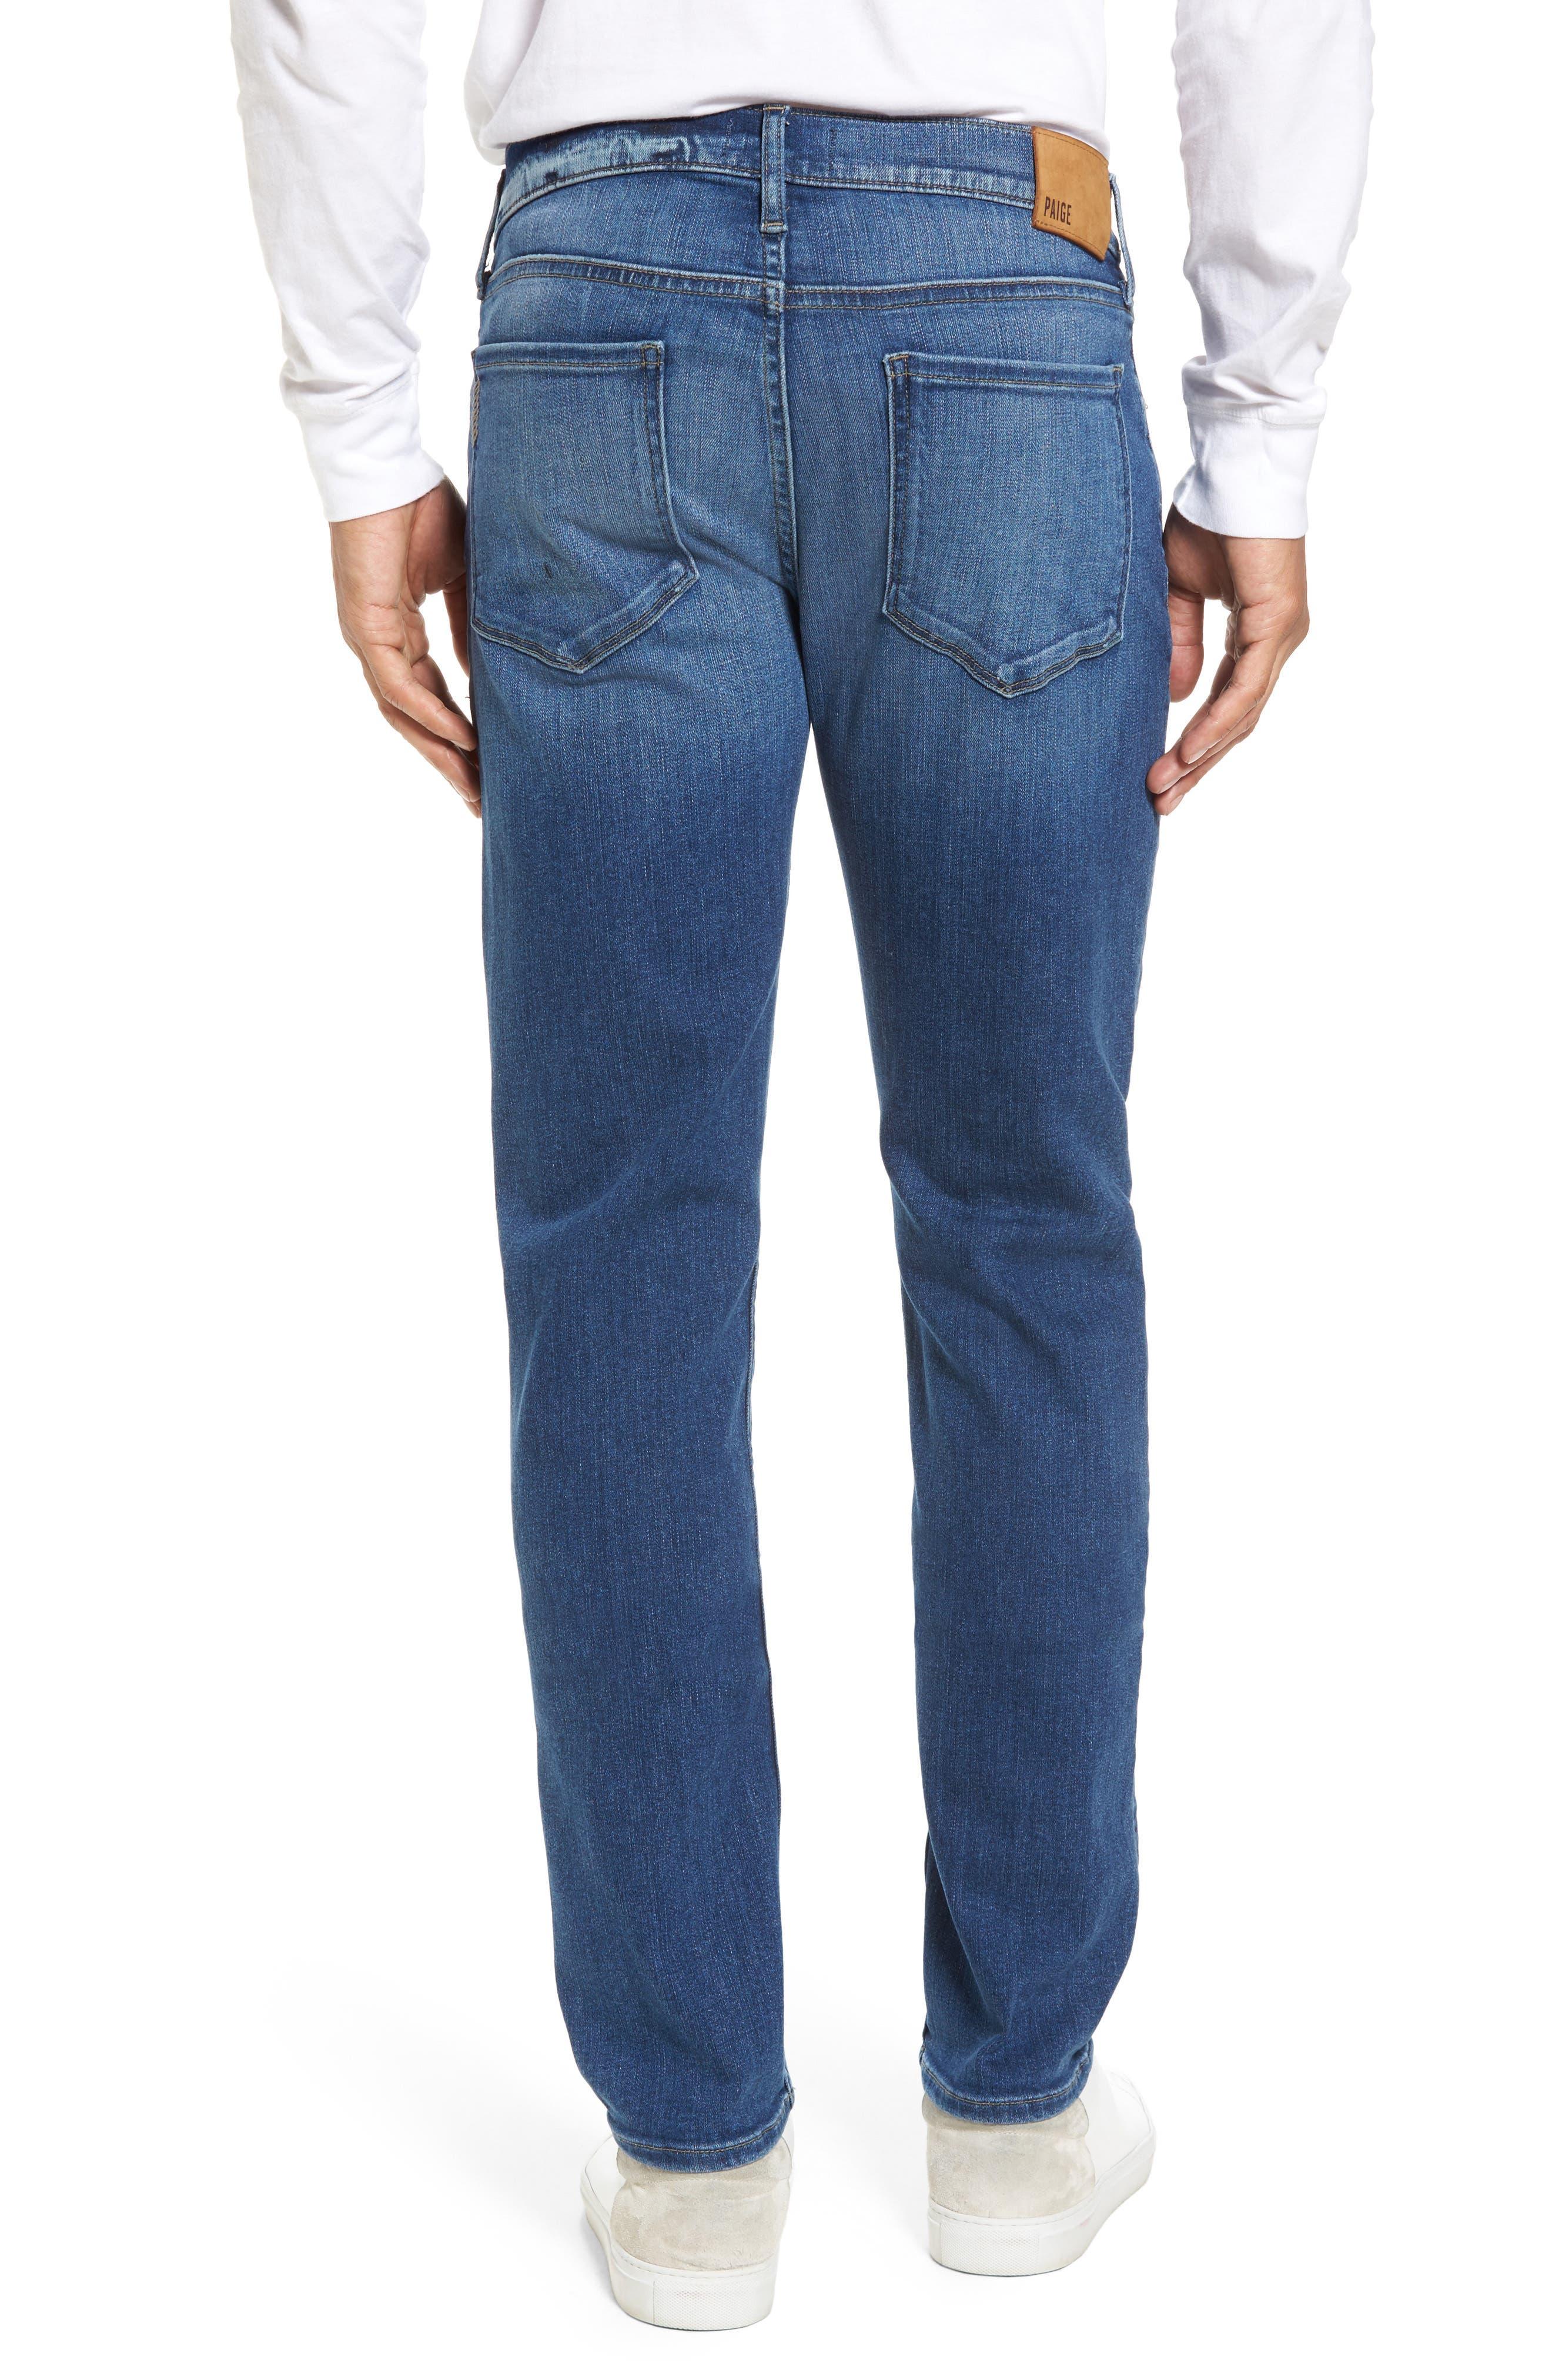 PAIGE, Transcend - Lennox Slim Fit Jeans, Alternate thumbnail 2, color, MULHOLLAND